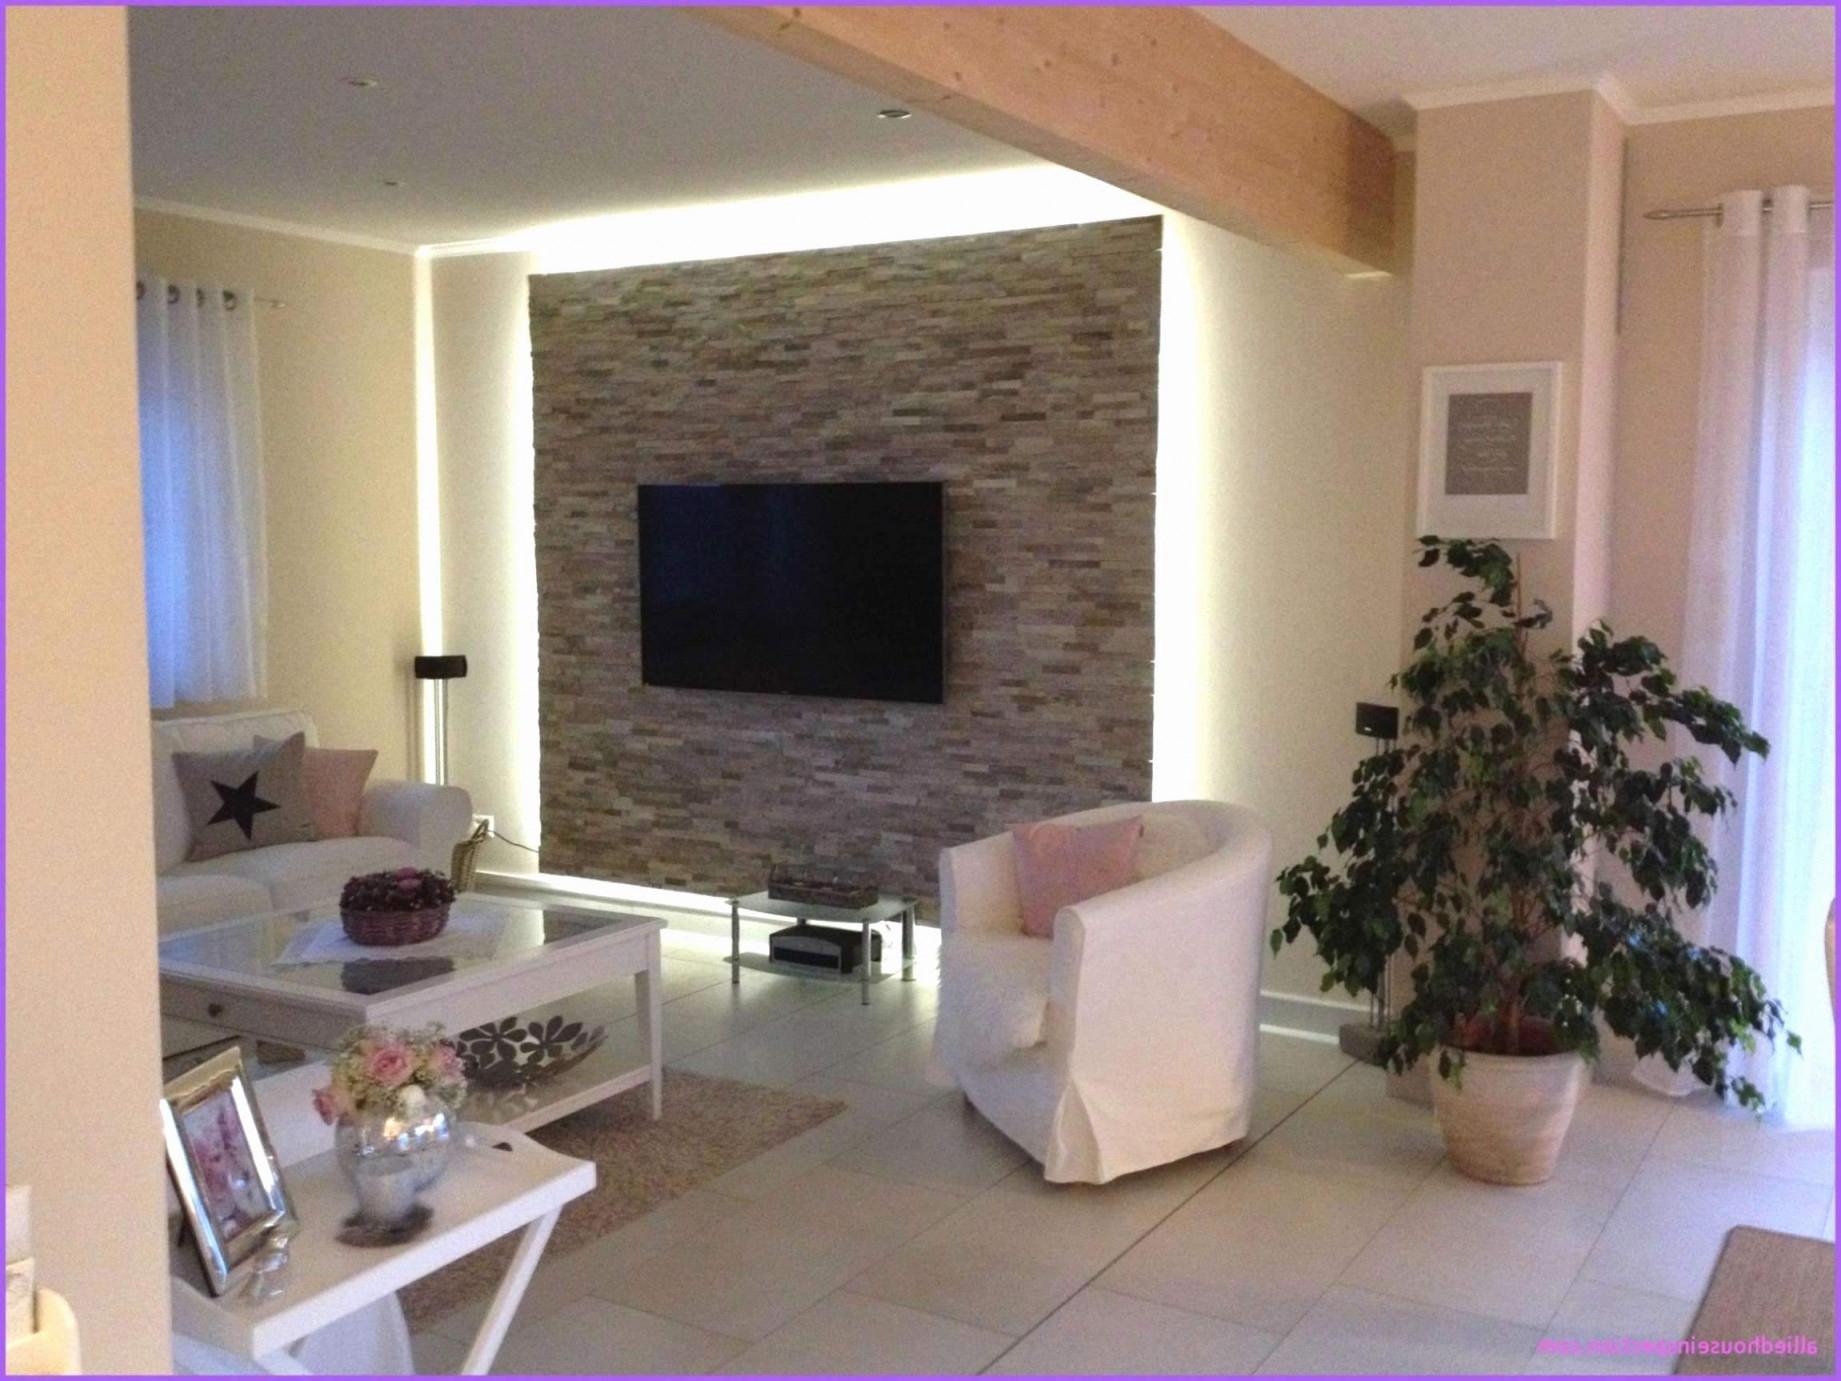 Wohnzimmer Fernsehwand Inspirierend Wohnwand Wohnzimmer von Wohnzimmer Fernsehwand Gestalten Bild